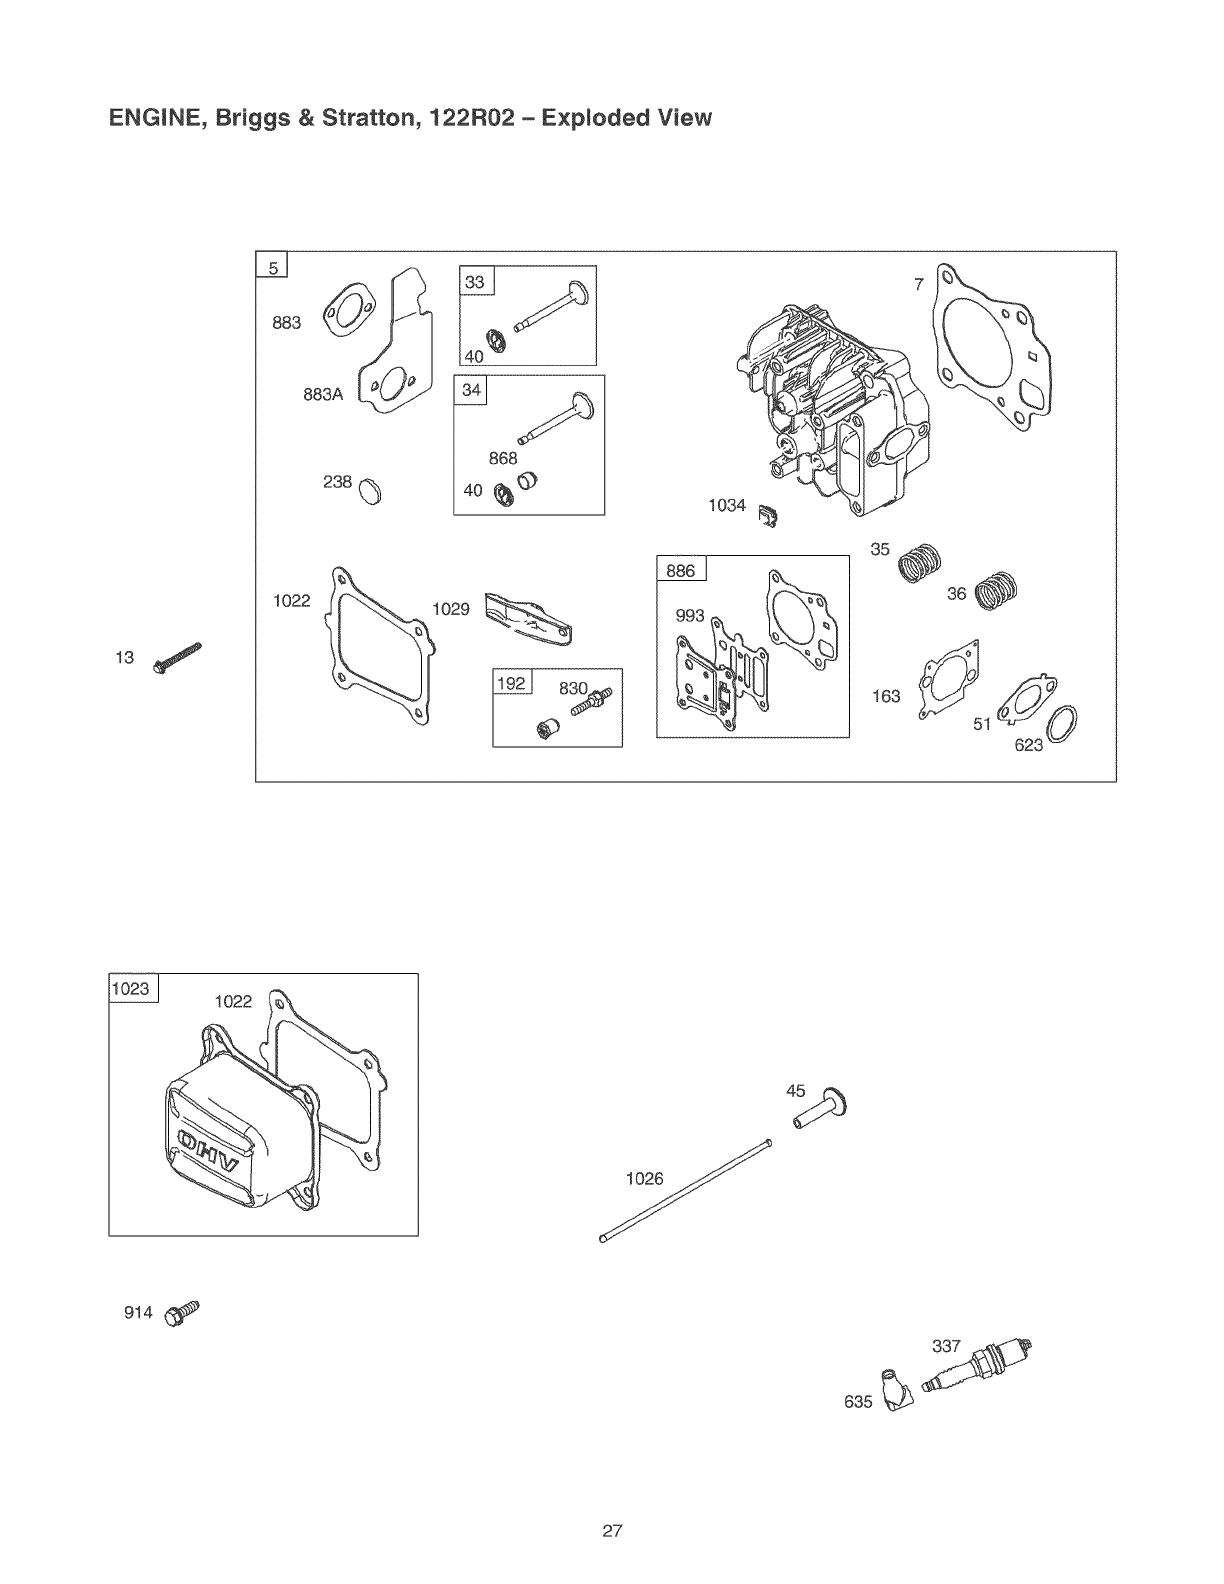 Briggs & Stratton 020607 00 User Manual PRESSURE WASHER